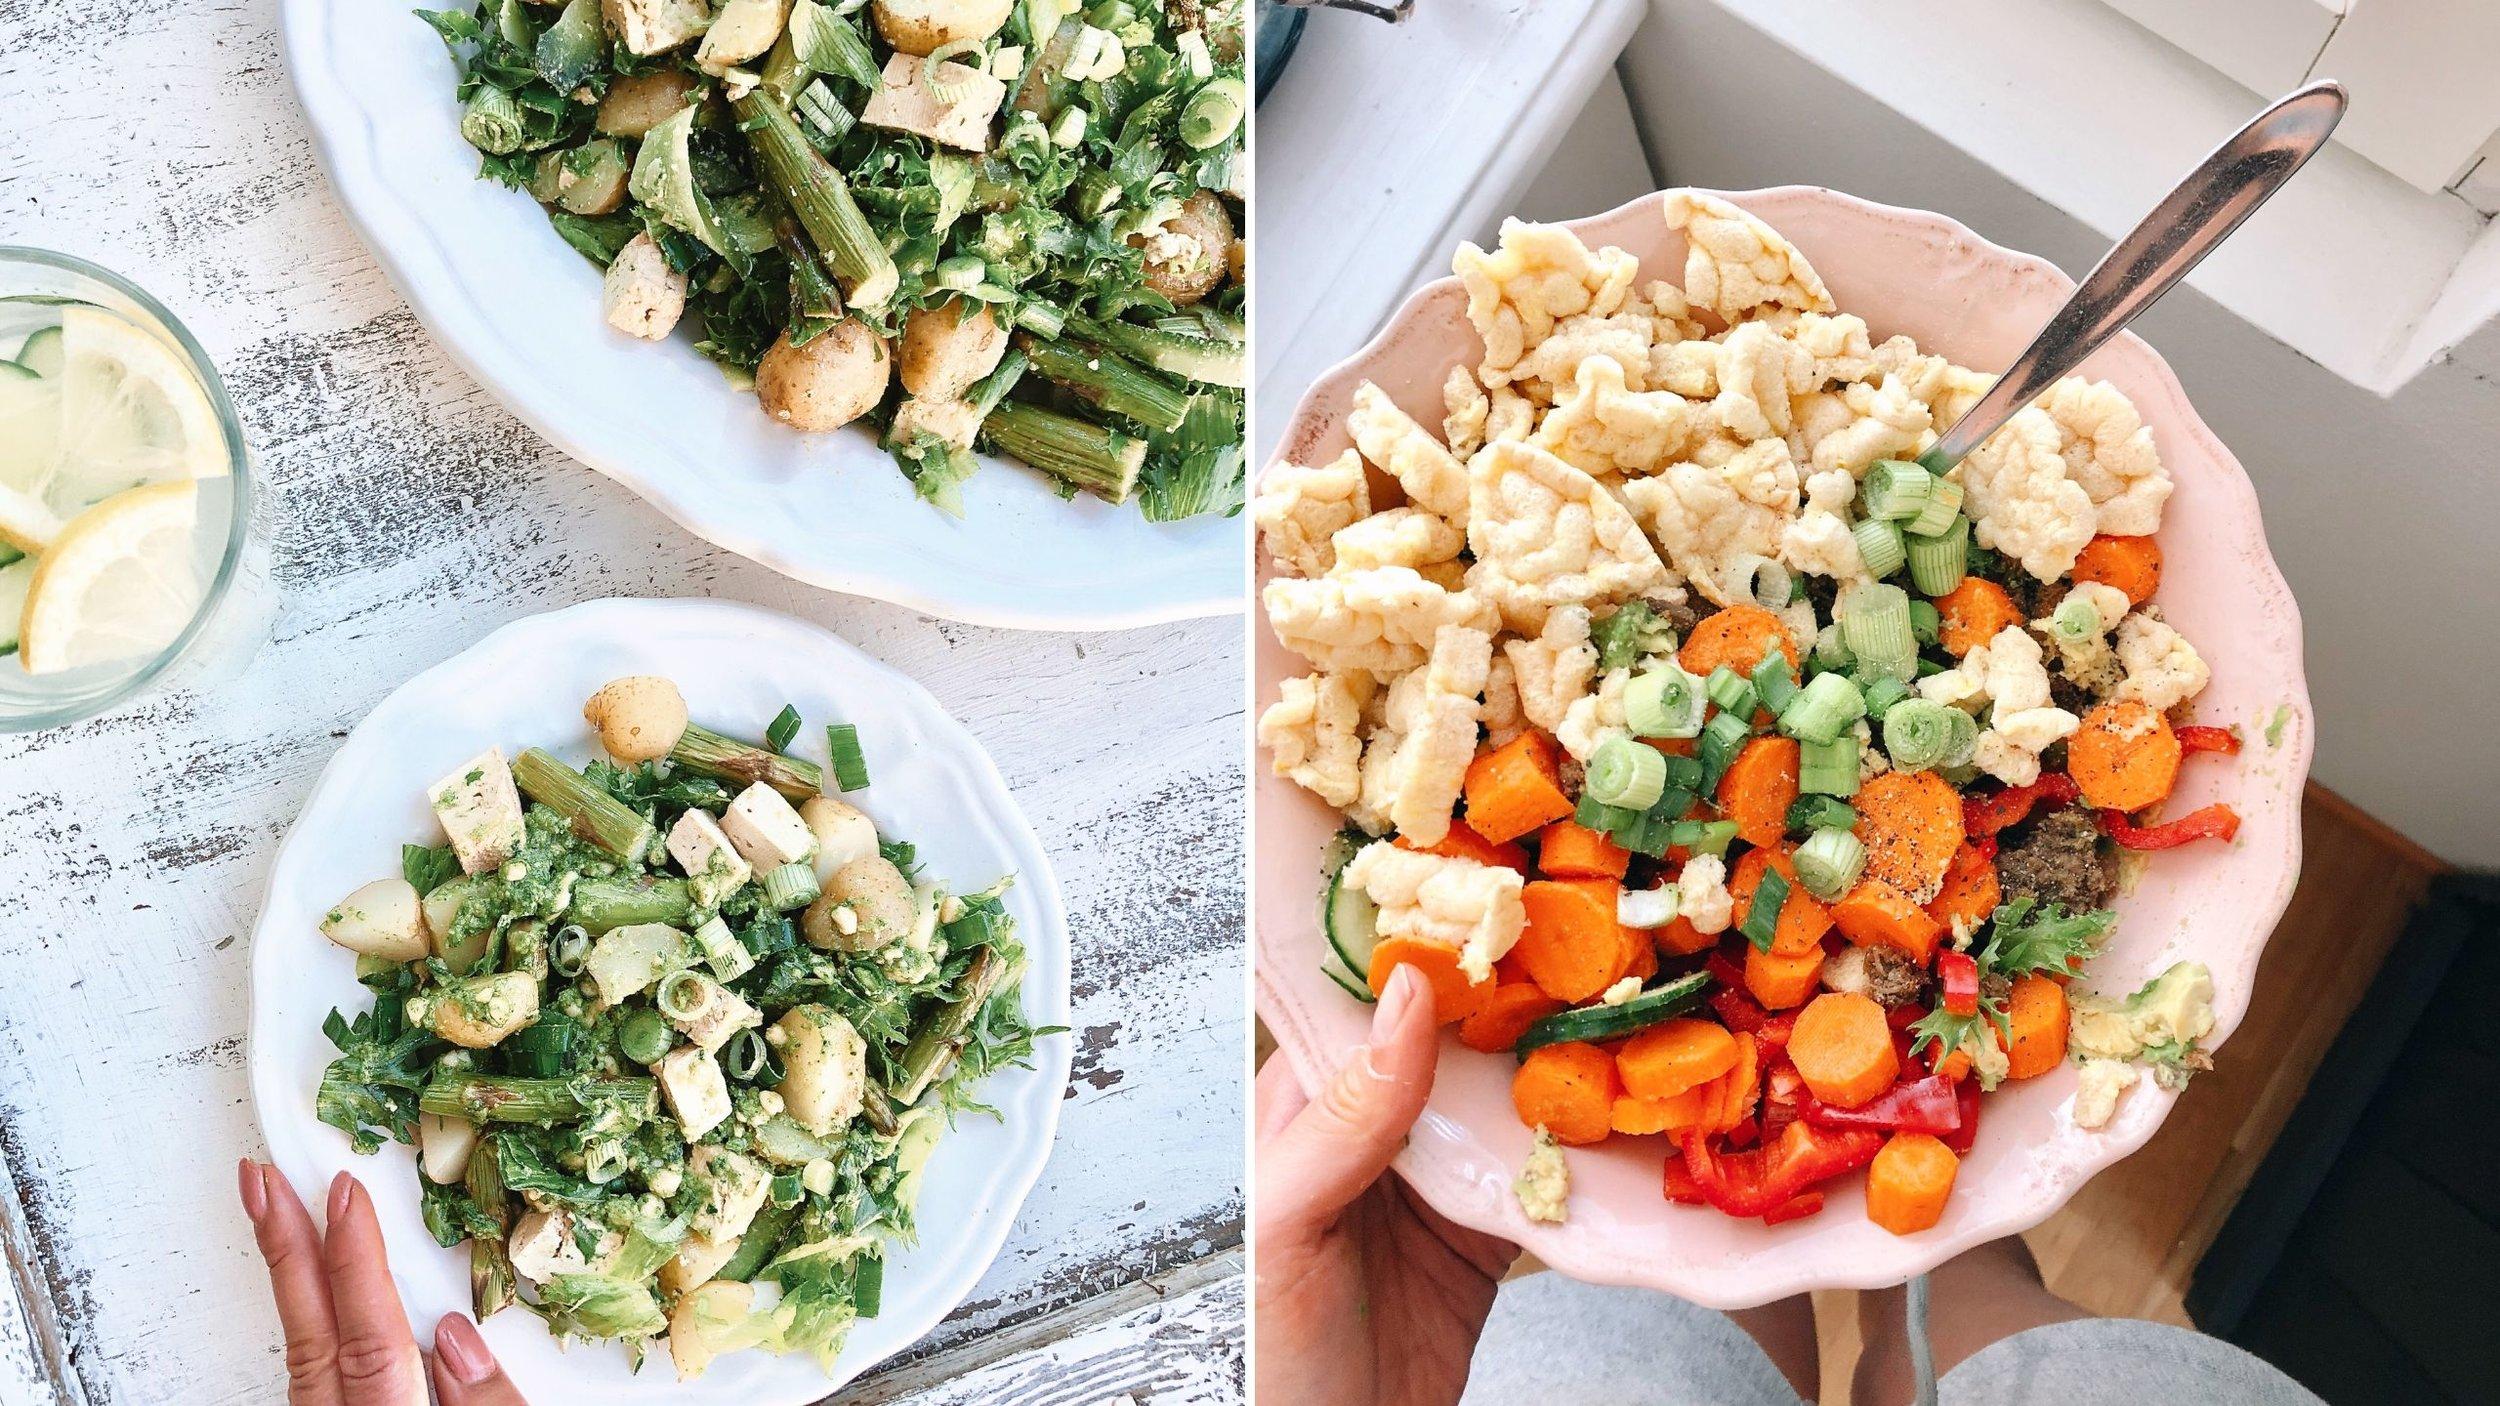 Näin kesällä maistuvat raikkaat, ruokaisat salaatit. Pesto-parsa-peruna-salaattia sekä lounasbowl täynnä lempparirehuja. Mukana myös nyhtökauraa proteiininlähteenä, linssikakkuja, joista saa kivasti hiilareita sekä proteiinia sekä rasvanlähteenä avokadoa.